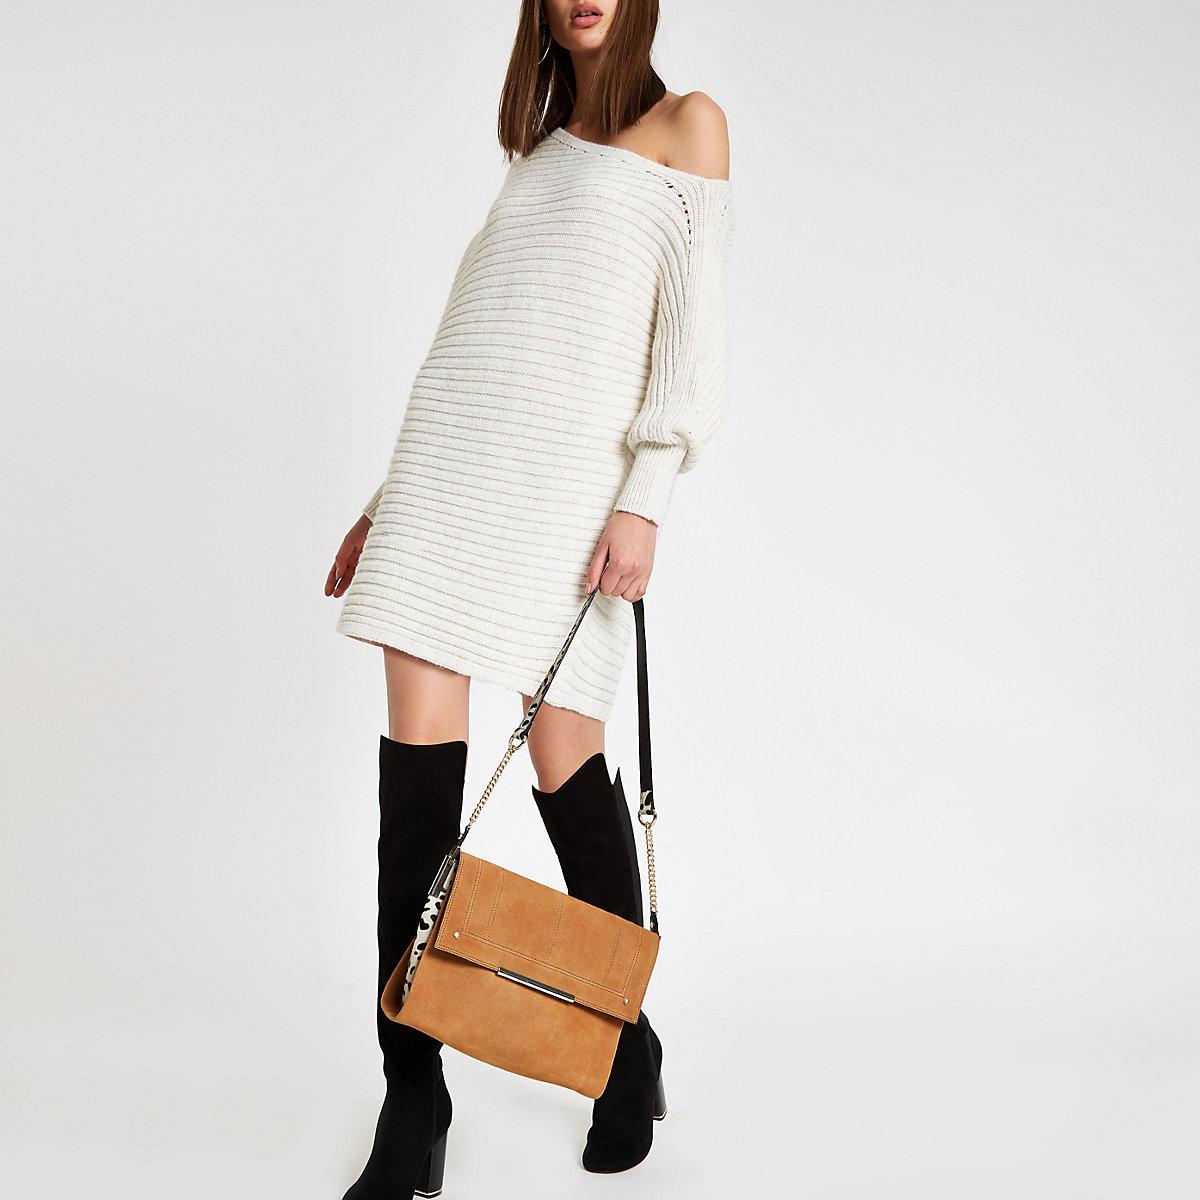 e88eed21bd1d Beige suede leather under arm bag - Shoulder Bags - Bags   Purses ...